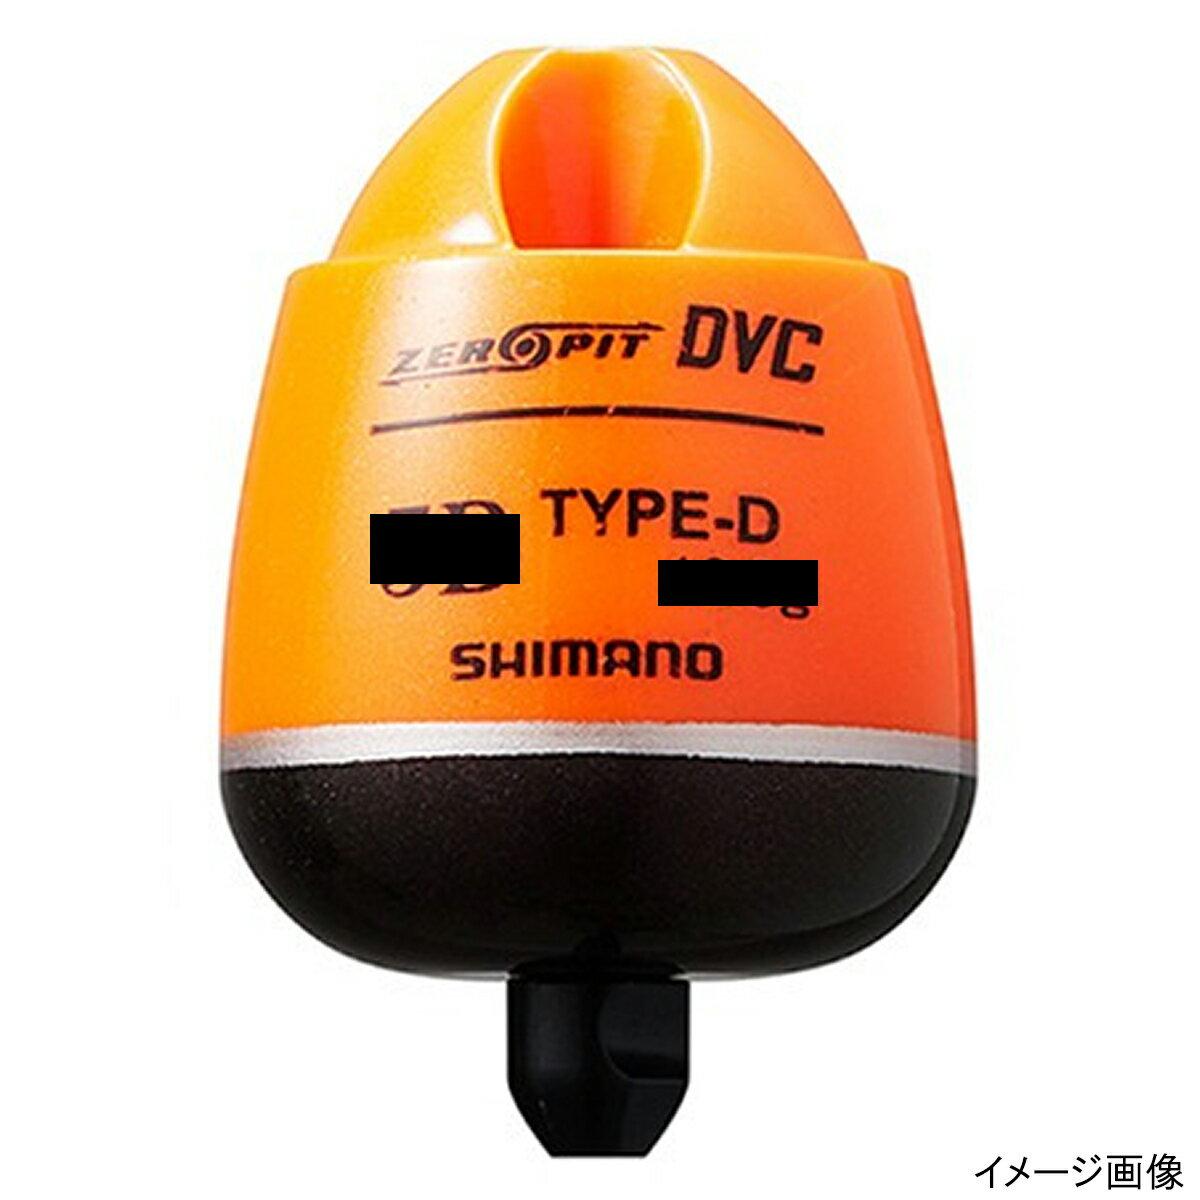 シマノ CORE ZERO-PIT DVC TYPE-D FL-49BR B オレンジ